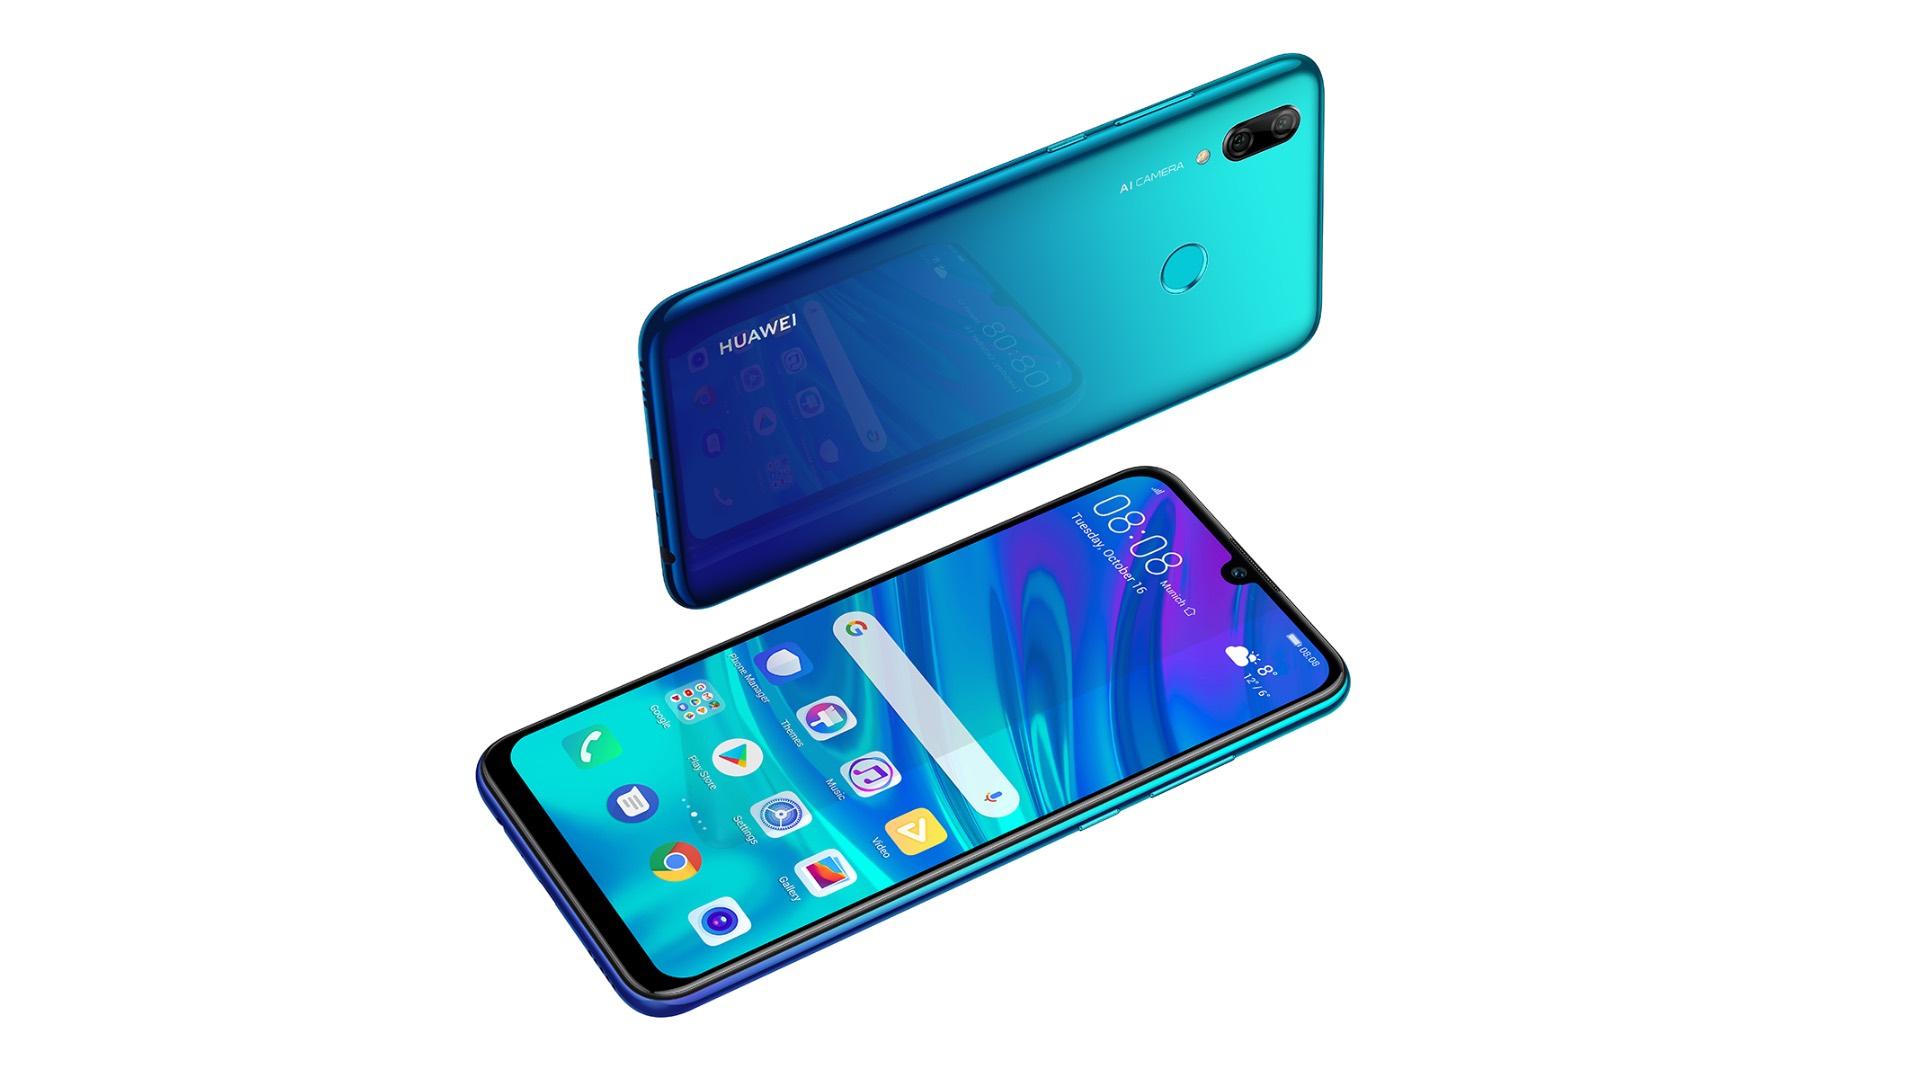 Huawei P smart 2019